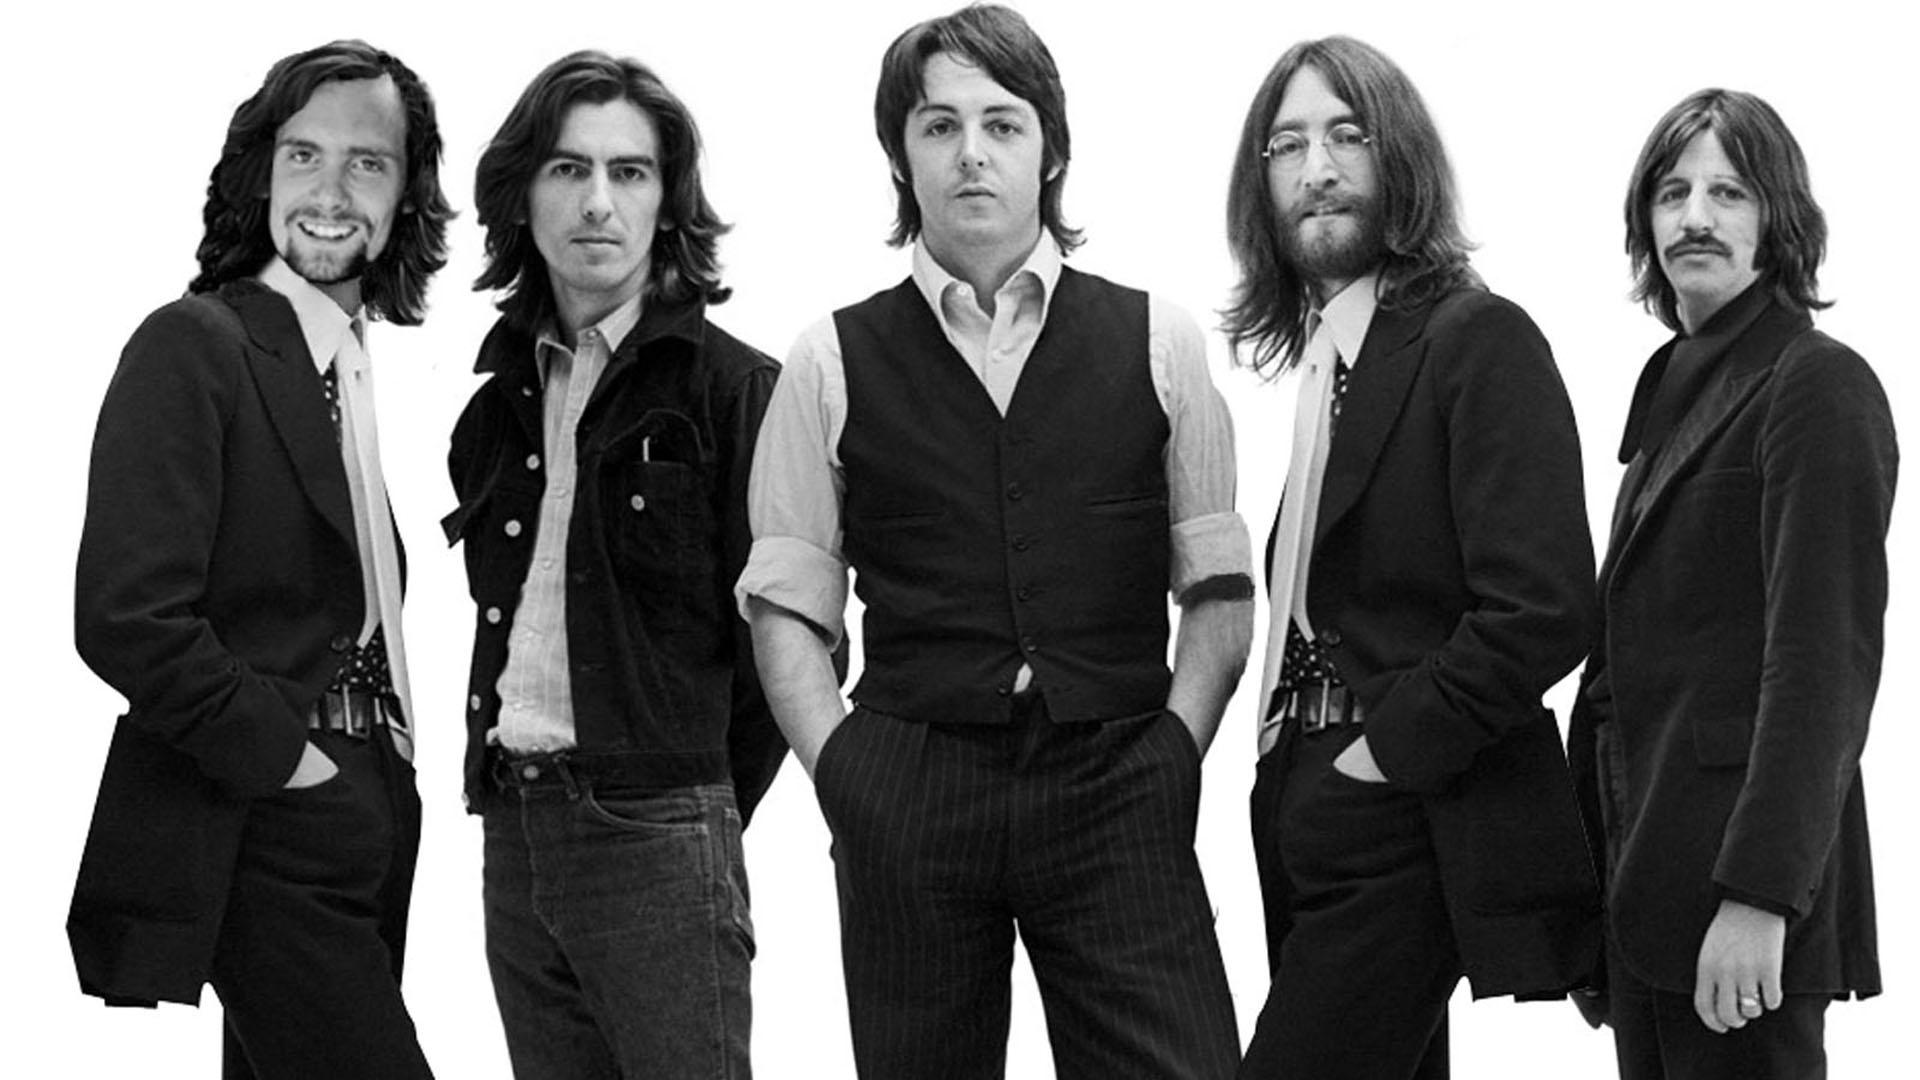 Beatles Wallpaper HD - WallpaperSafari